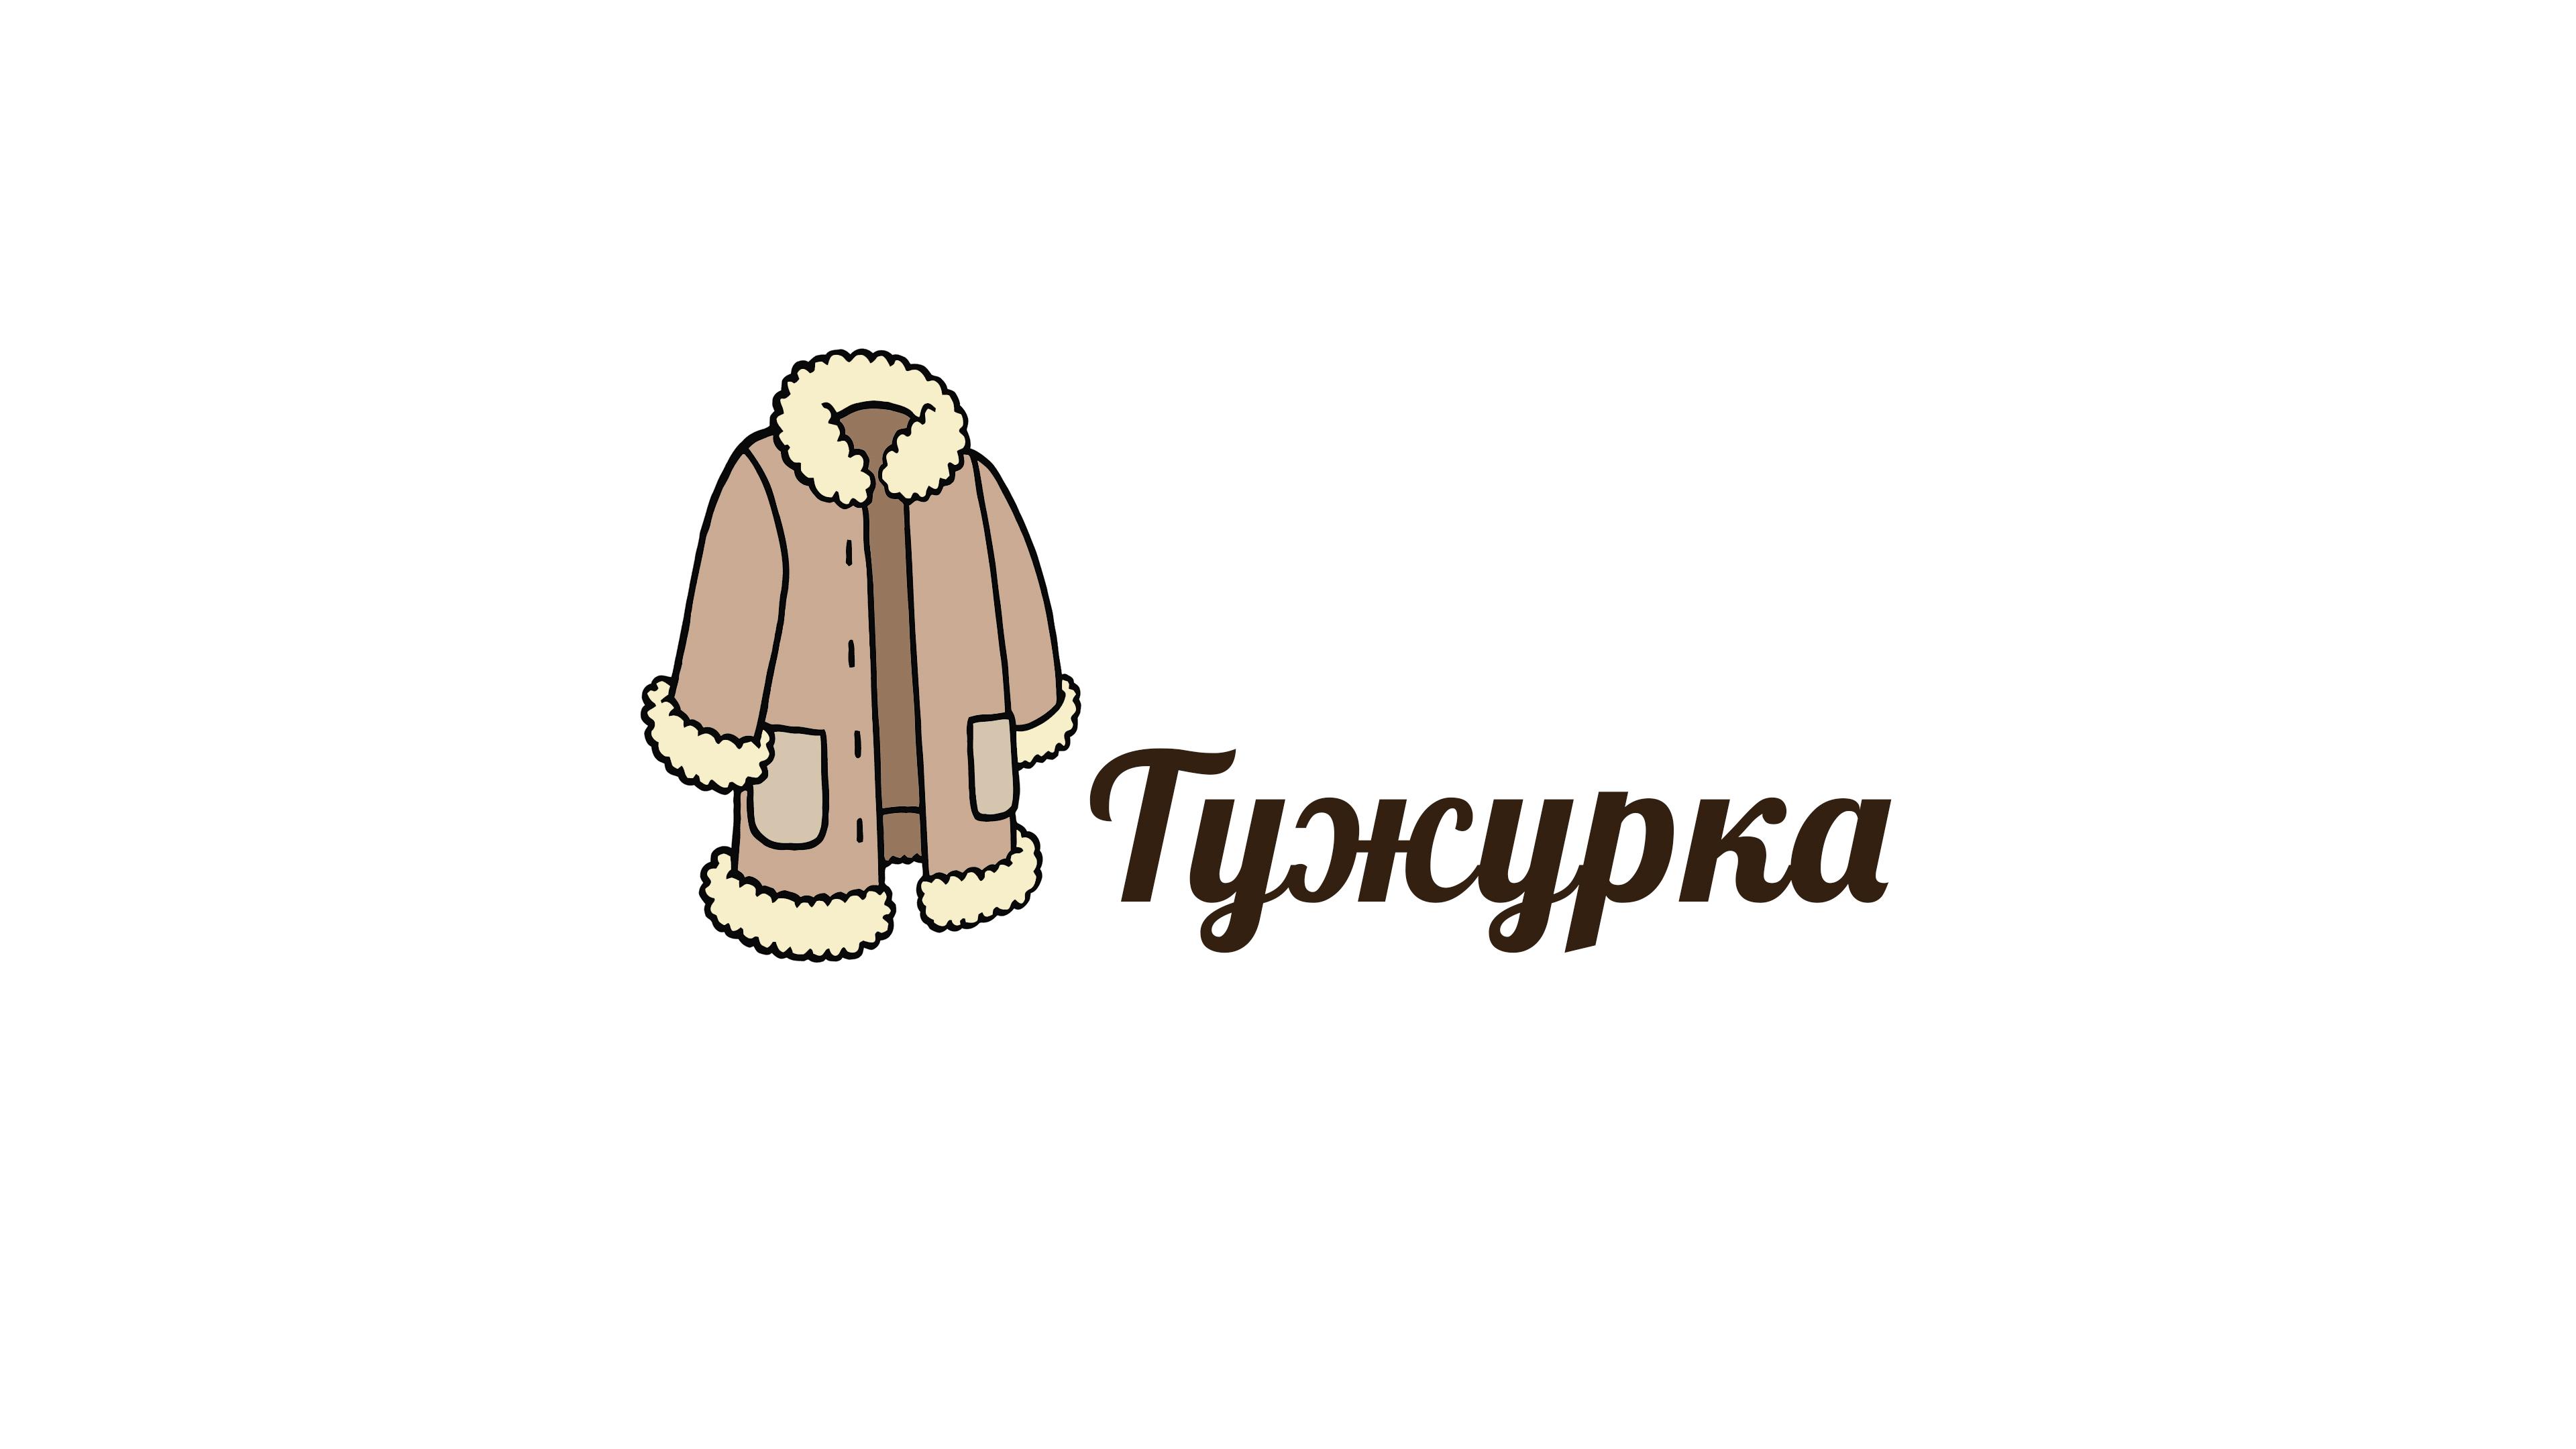 Интернет магазин tuzhurka.com. Все права защищены. Не является договором оферты.